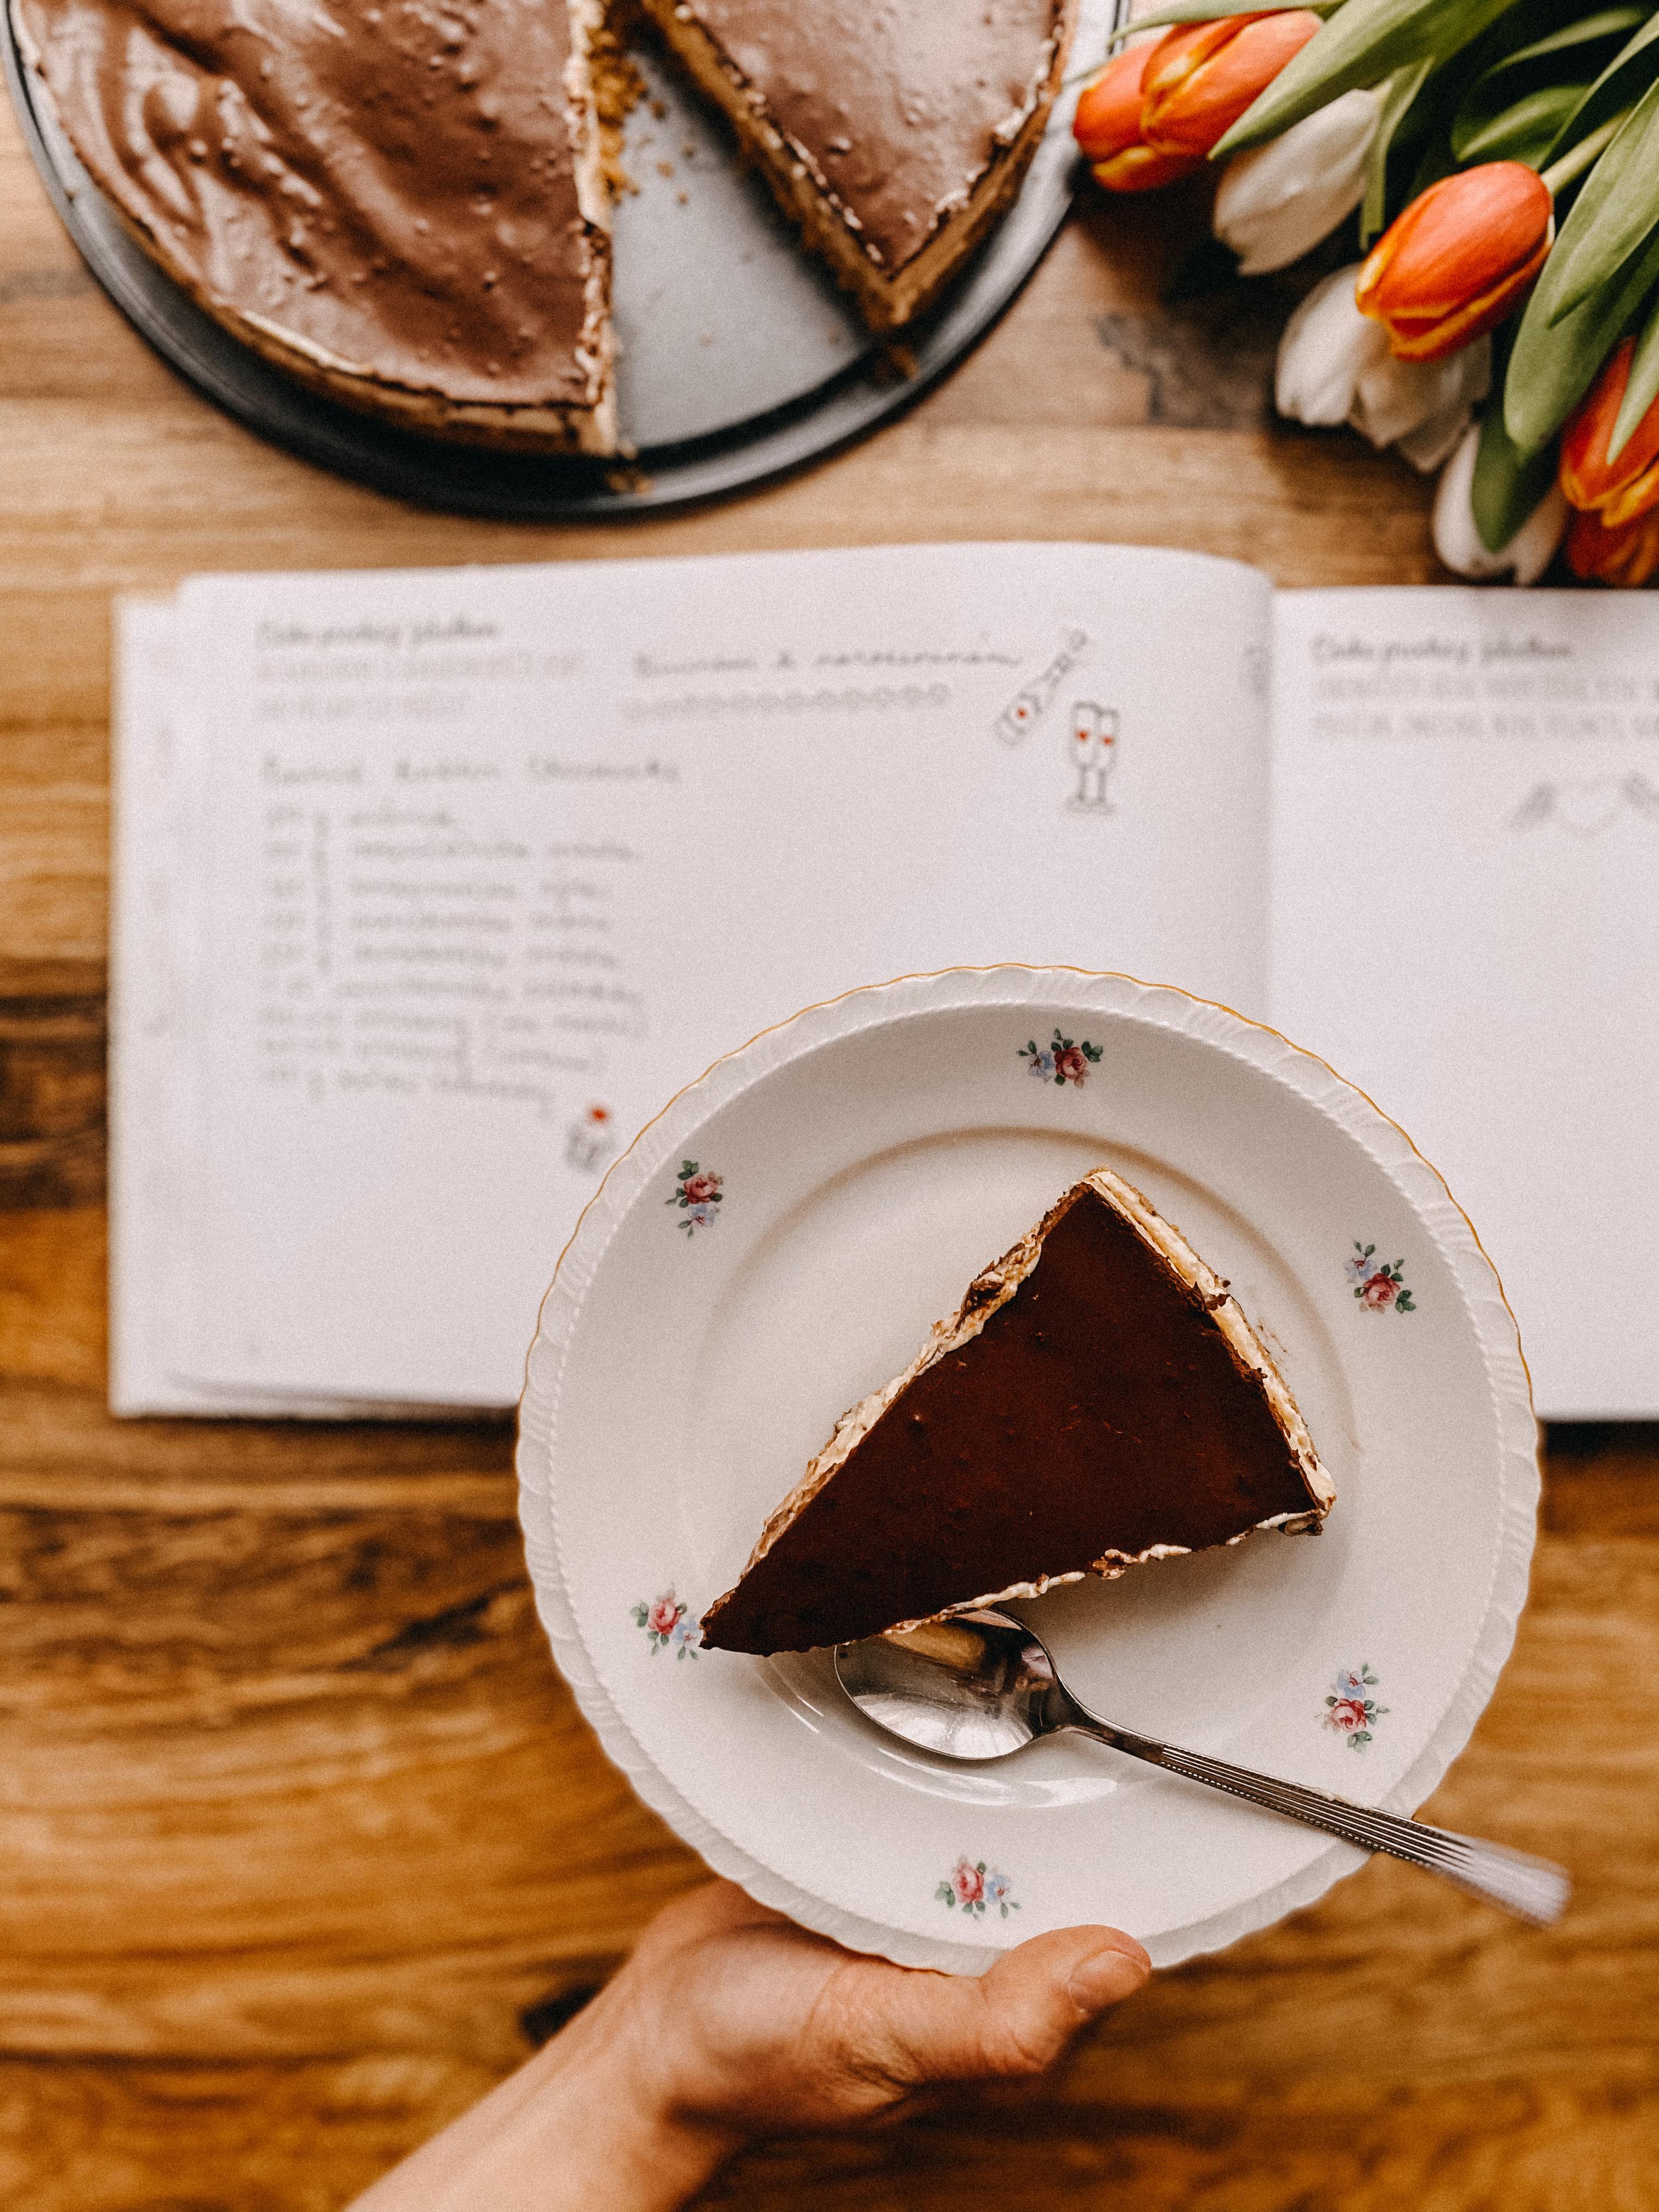 nepec-eny-cheesecake-s-bura-kovy-m-ma-slem-1618505361